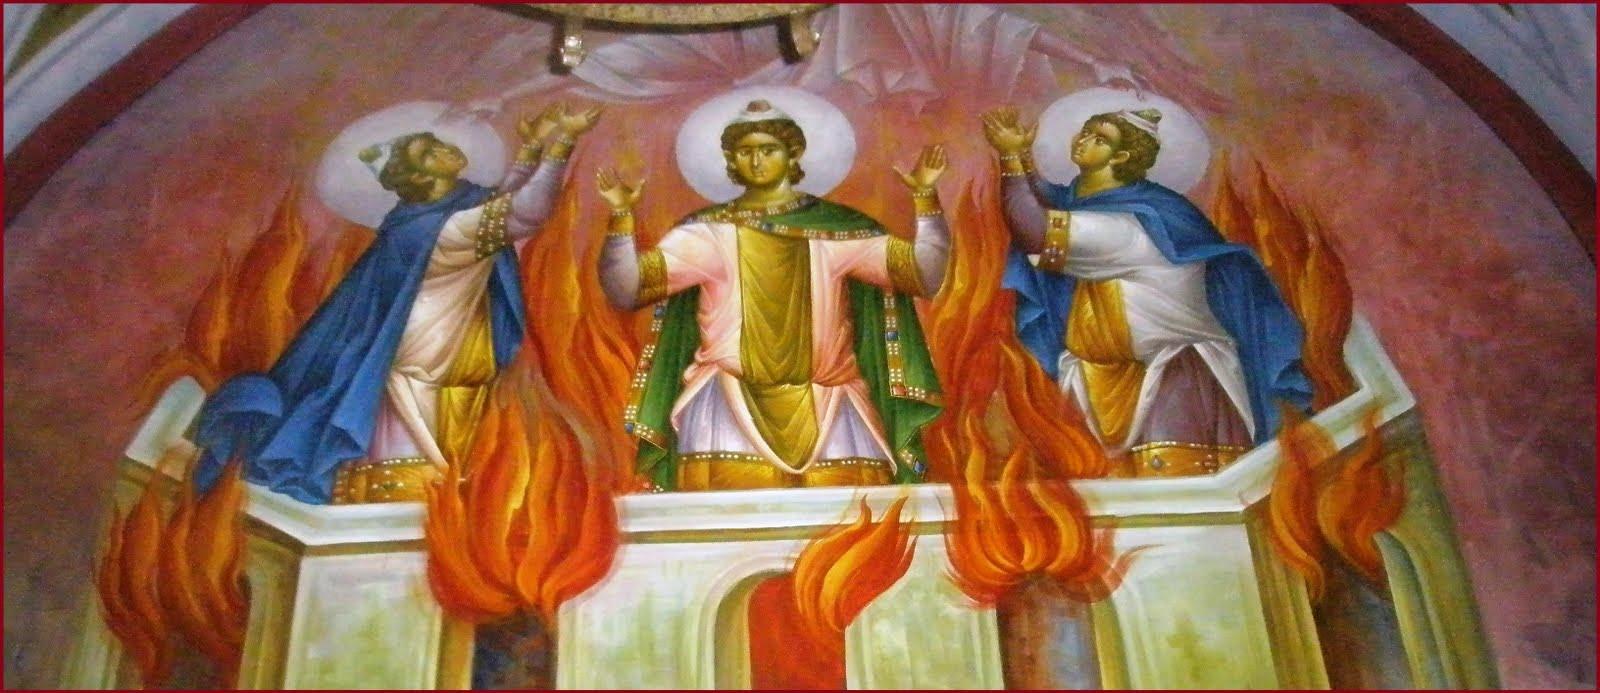 Η Πυροσβεστική Υπηρεσία Σάμου γιορτάζει τους προστάτες της